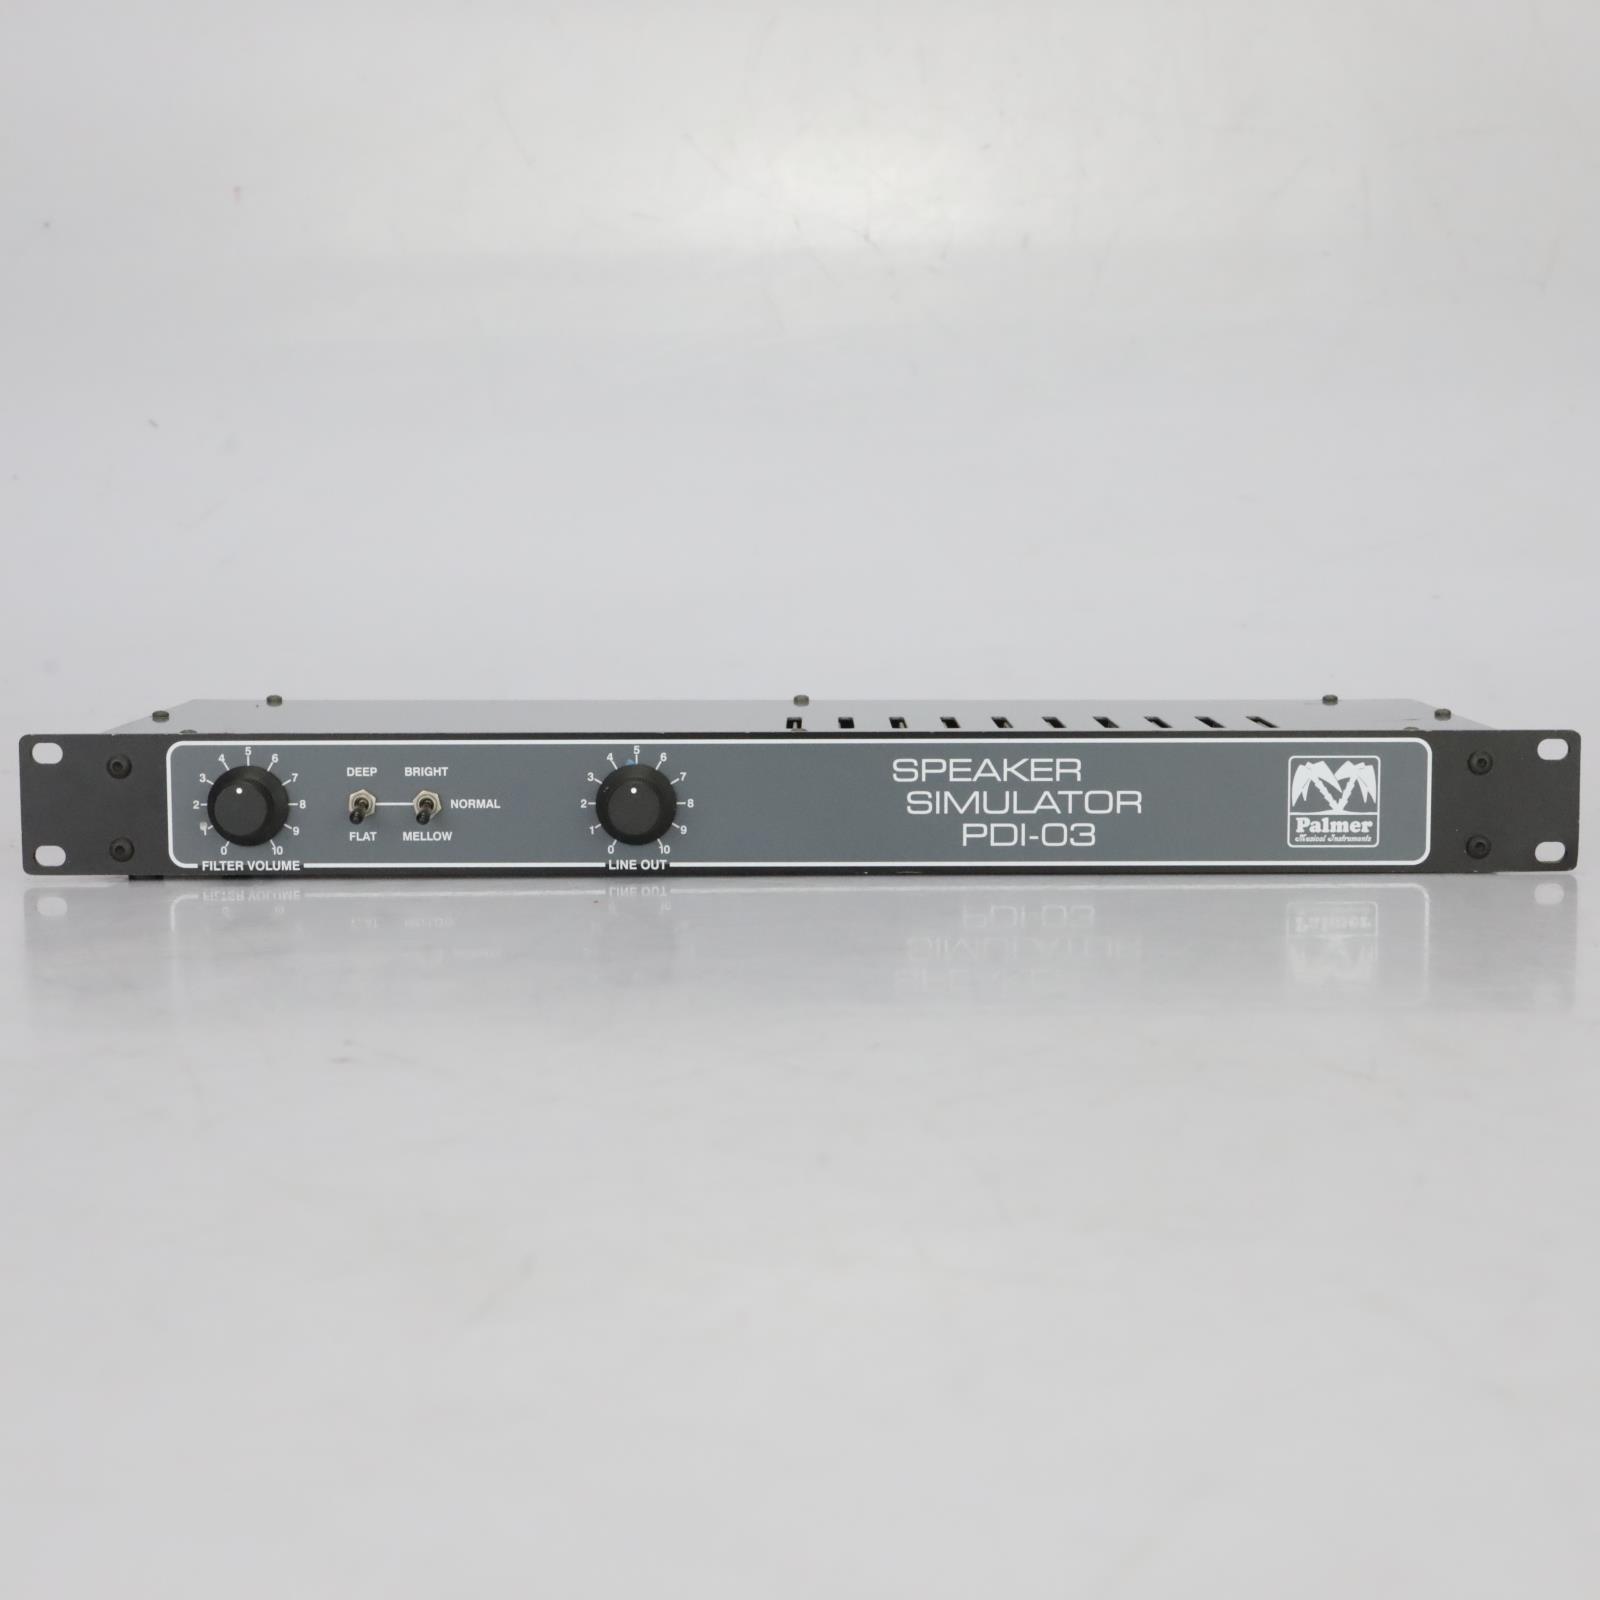 Palmer Speaker Simulator PDI-03 Guitar DI Splitter Interface #37735